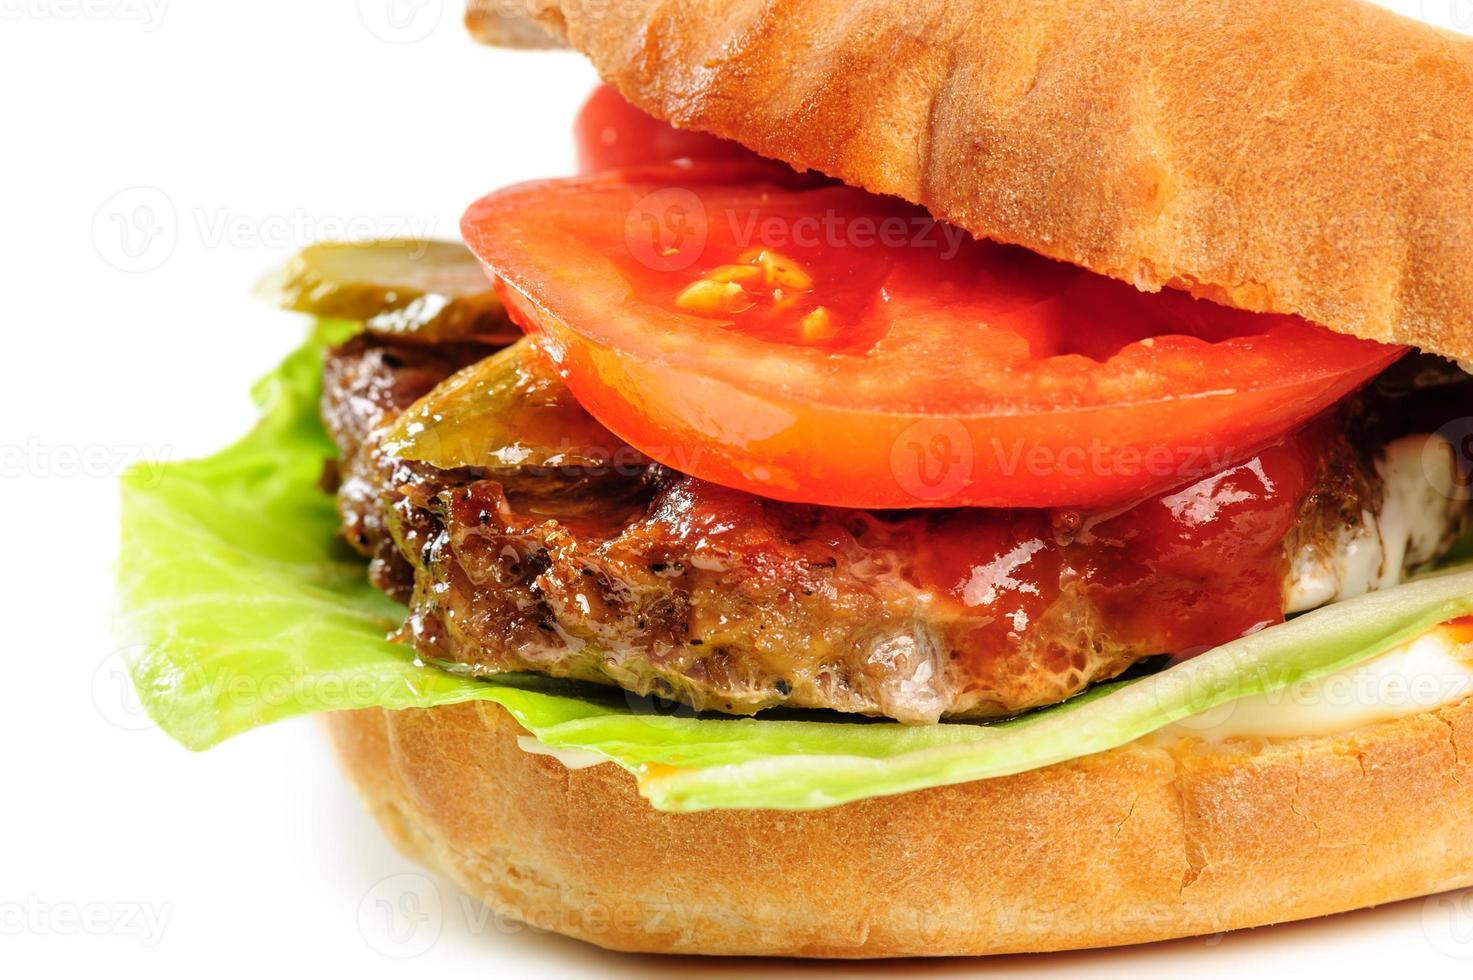 realista procurando parte de hambúrguer foto